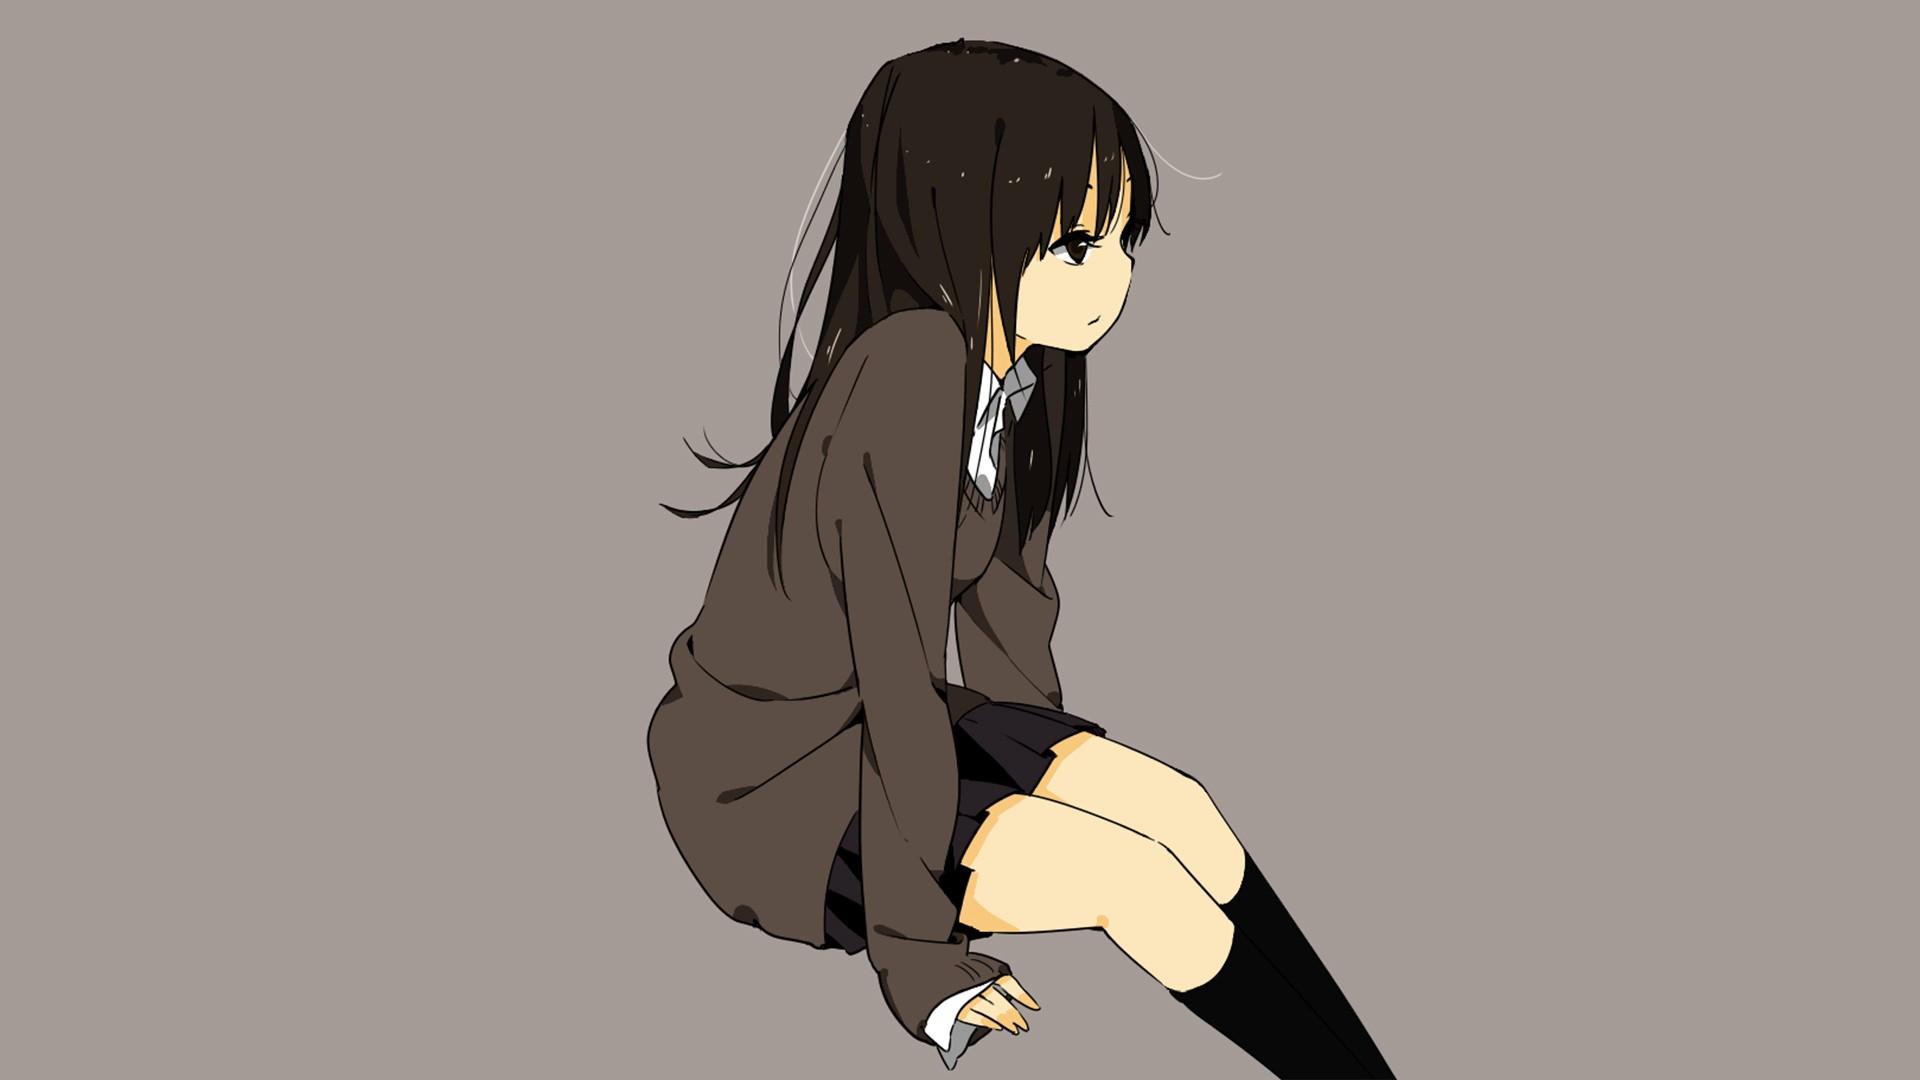 Sad Anime Girl HD Wallpaper 1920x1080 ID56245 1920x1080